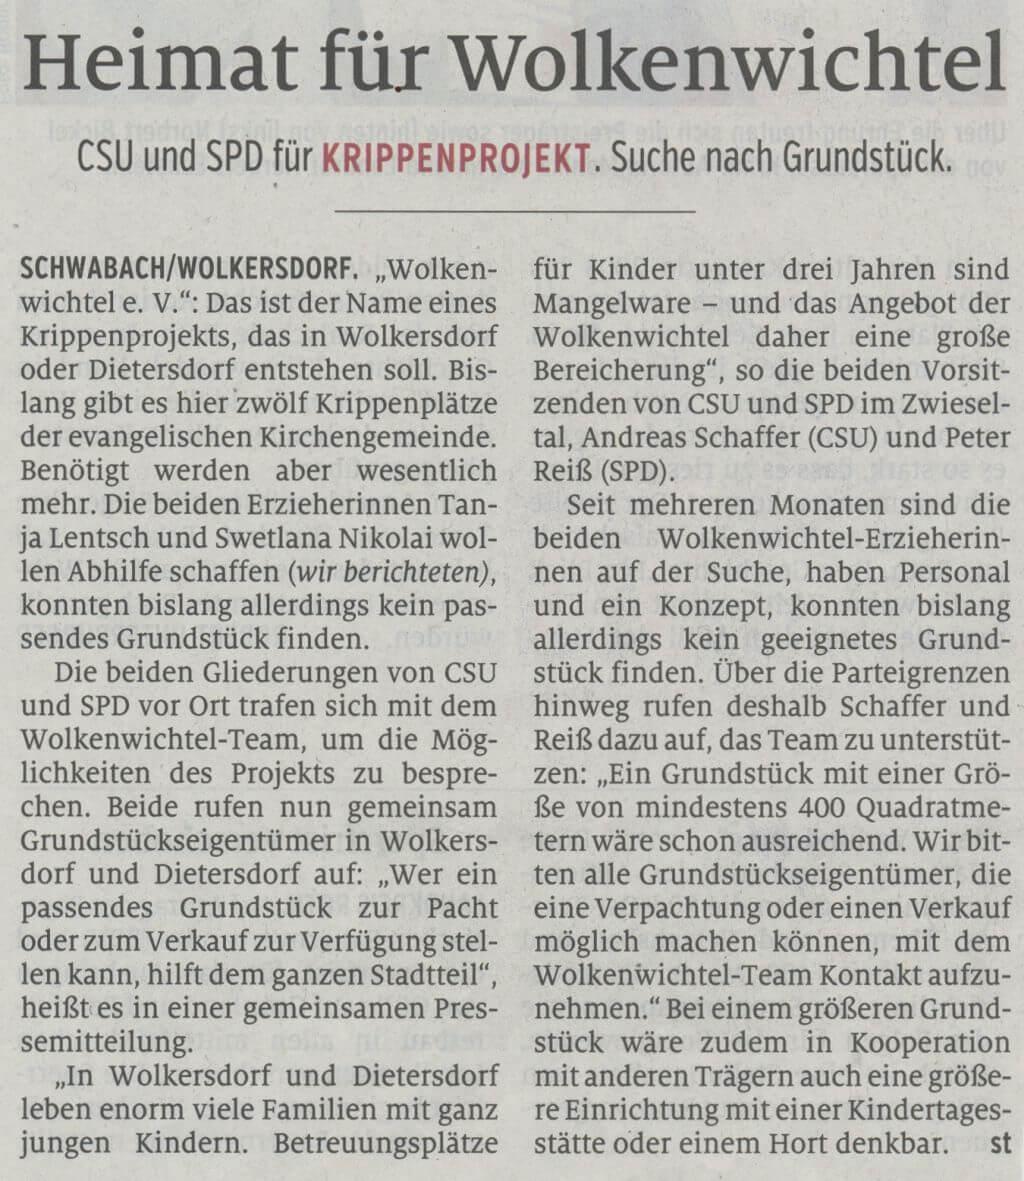 18.10.2019 - Heimat für Wolkenwichtel - Schwabacher Tagblatt